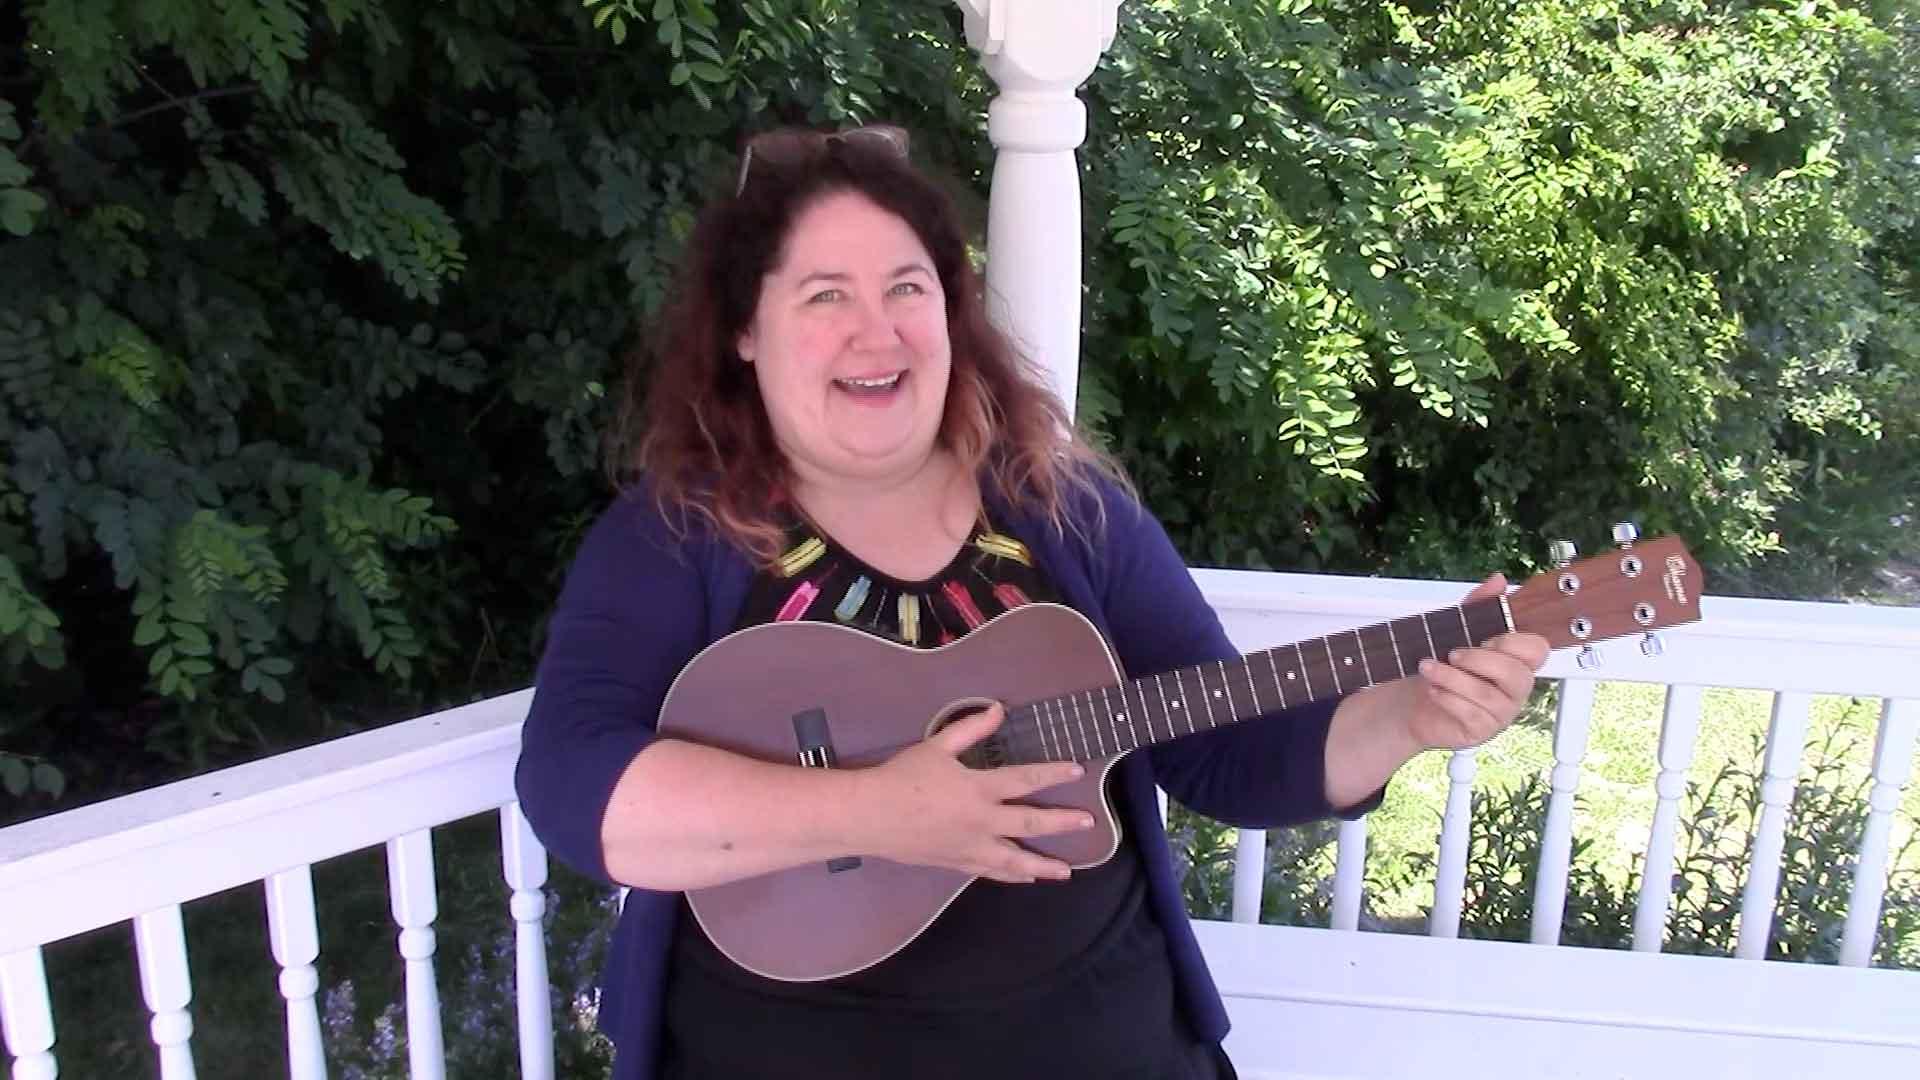 Melanie playing ukulele